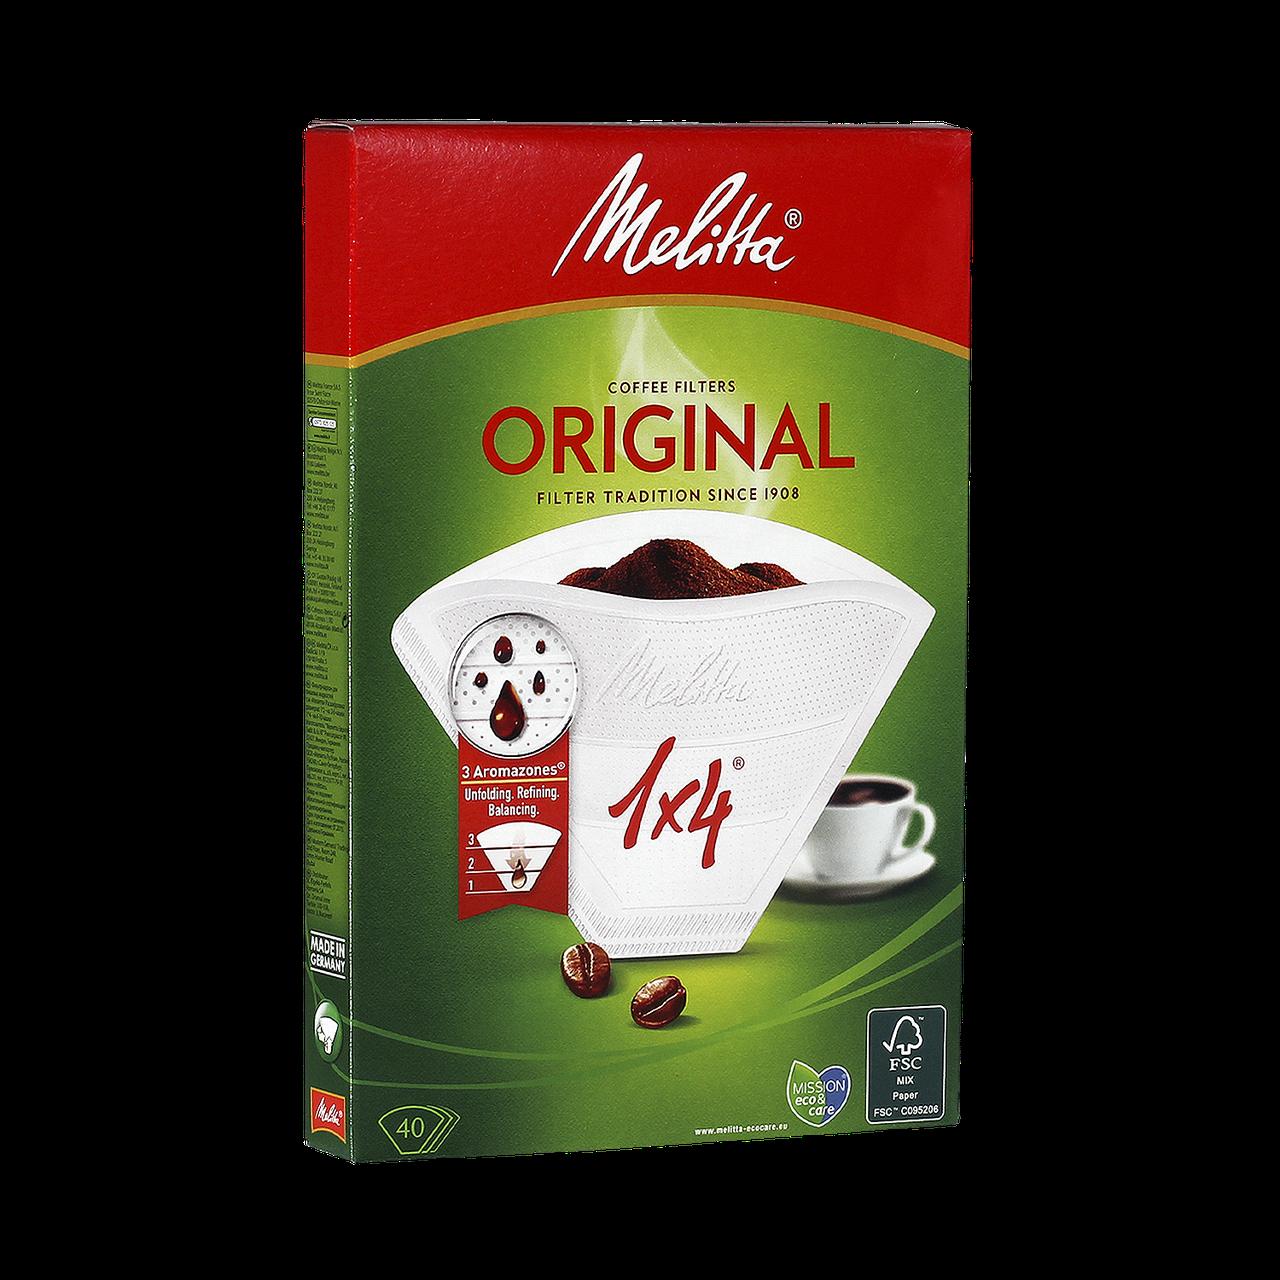 Фильтр-пакеты для кофе Melitta №4, 40шт/упак - ПЕТРОВКА HoReCa в Киеве